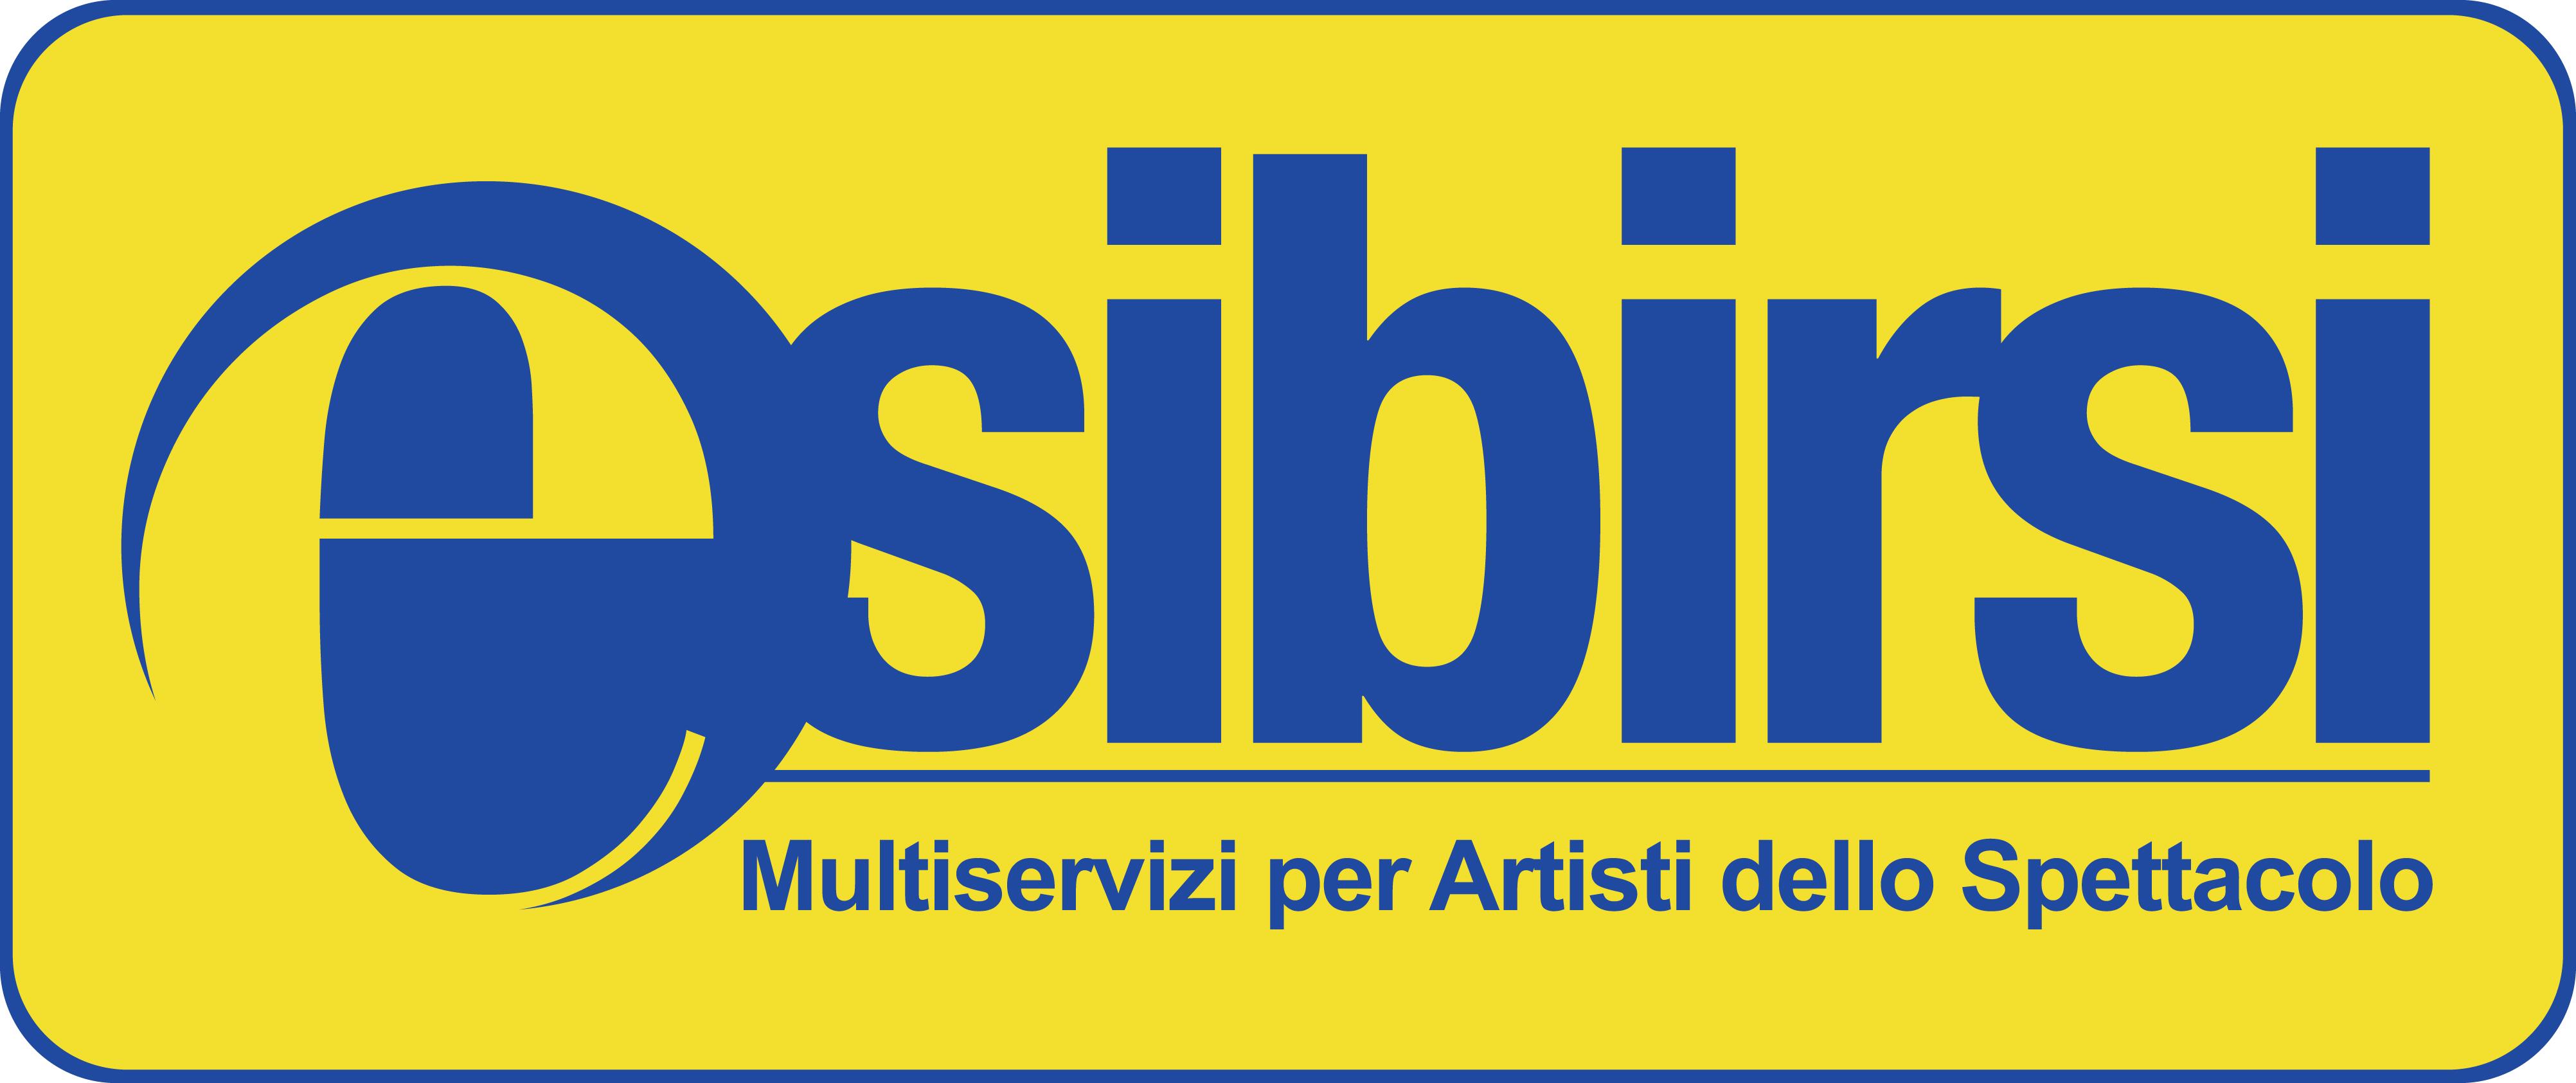 Esibirsi2016